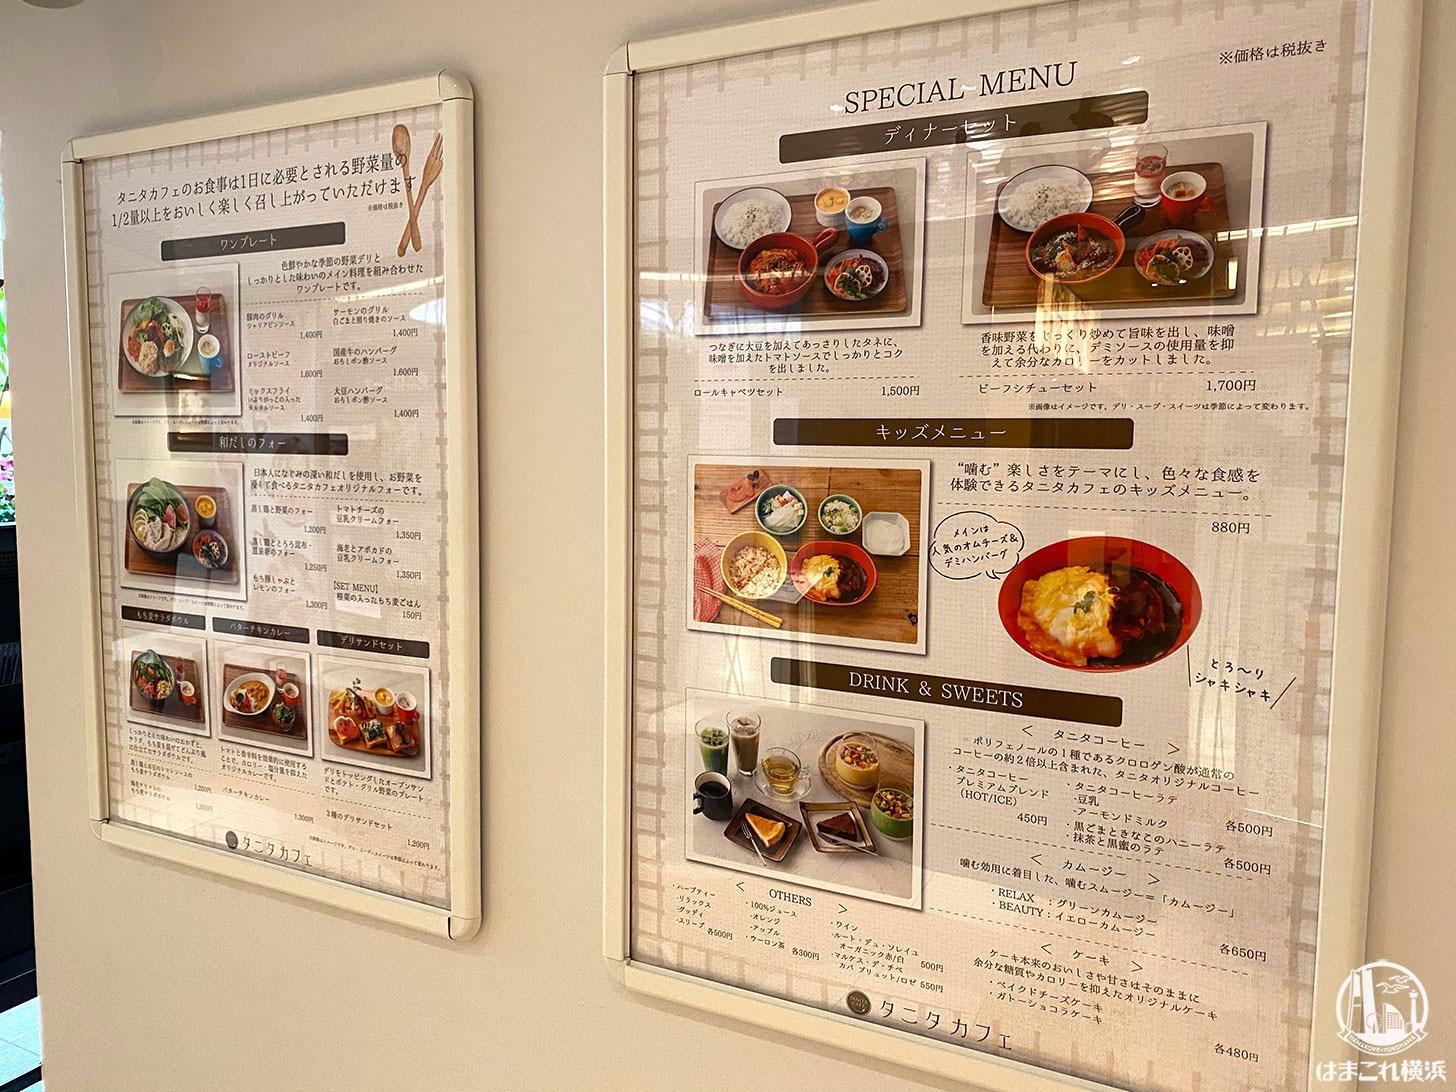 タニタカフェそごう横浜店  グランドメニュー